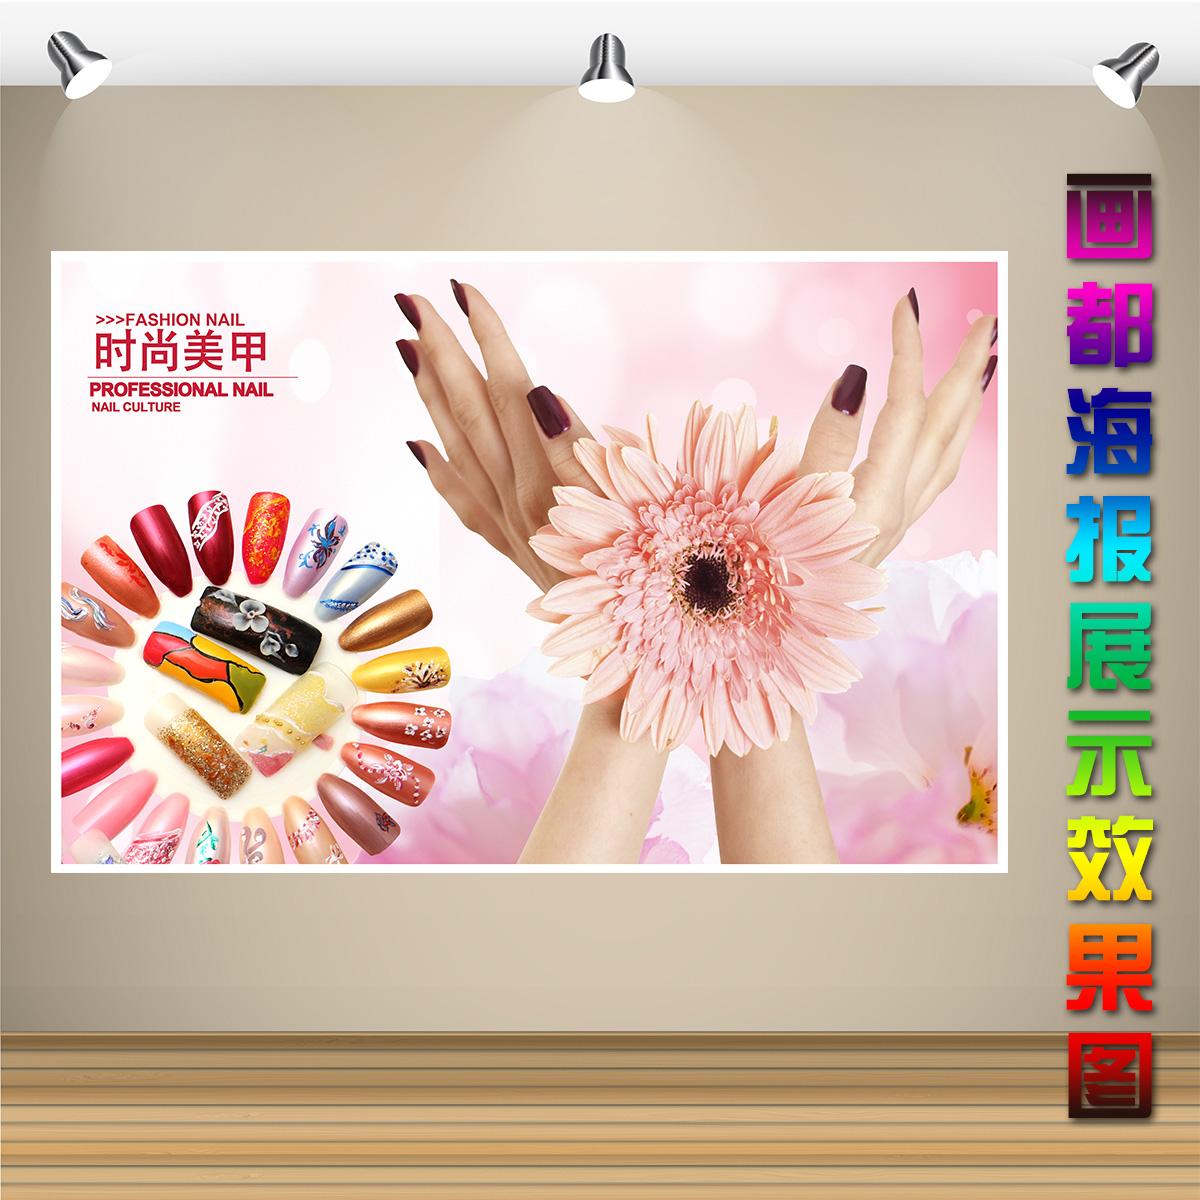 高清美甲店海报美指甲化妆图片彩妆挂图宣传贴画时尚美甲海报1